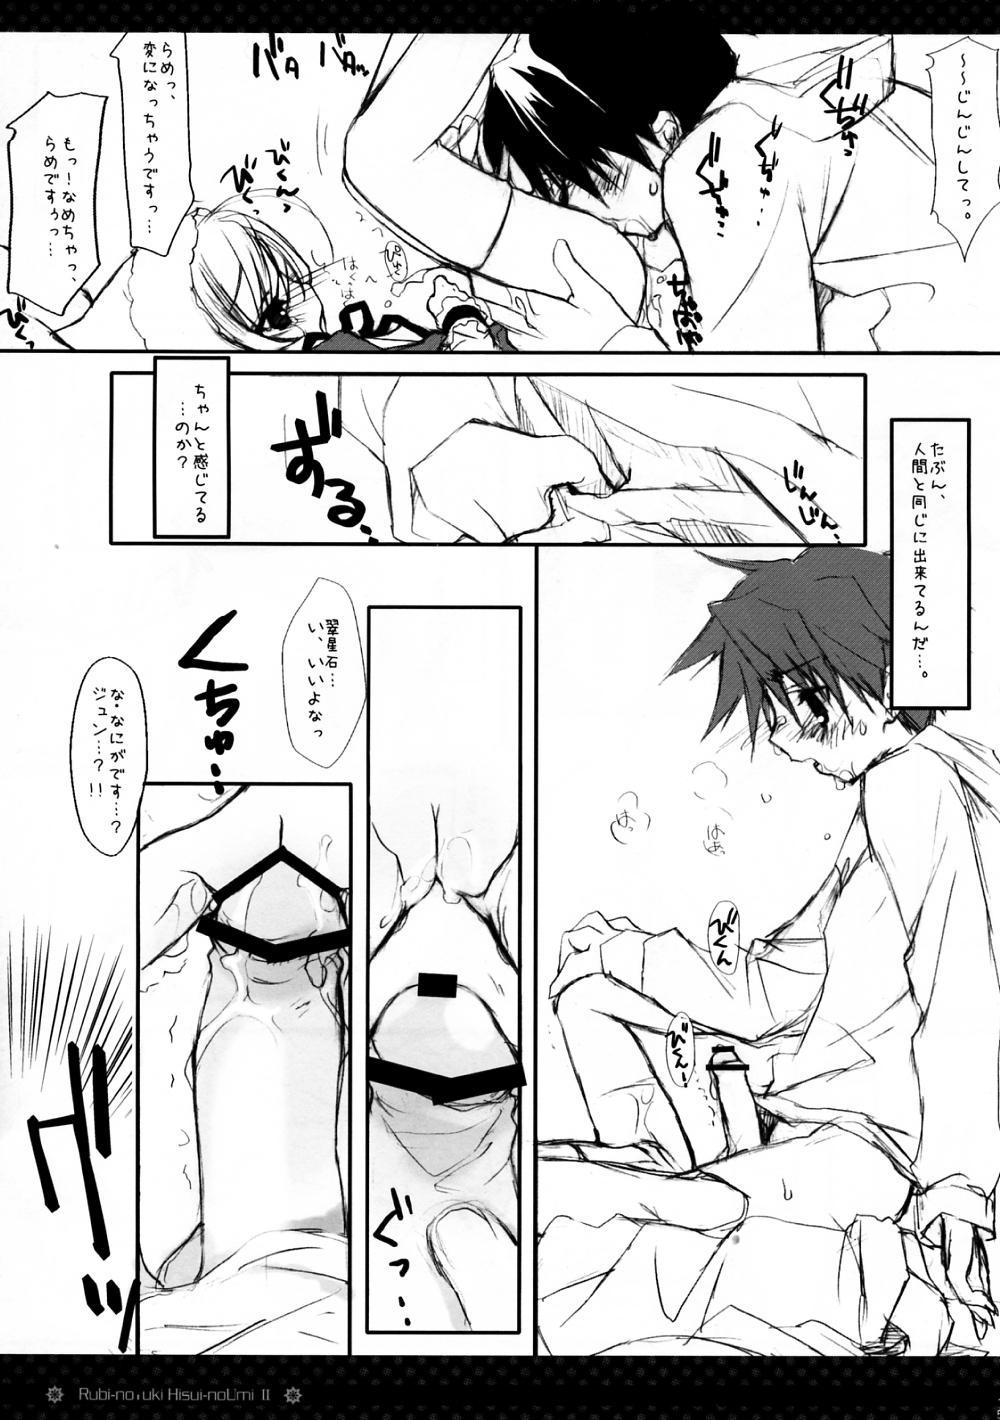 Ruby no Tsuki Hisui no Umi II 13